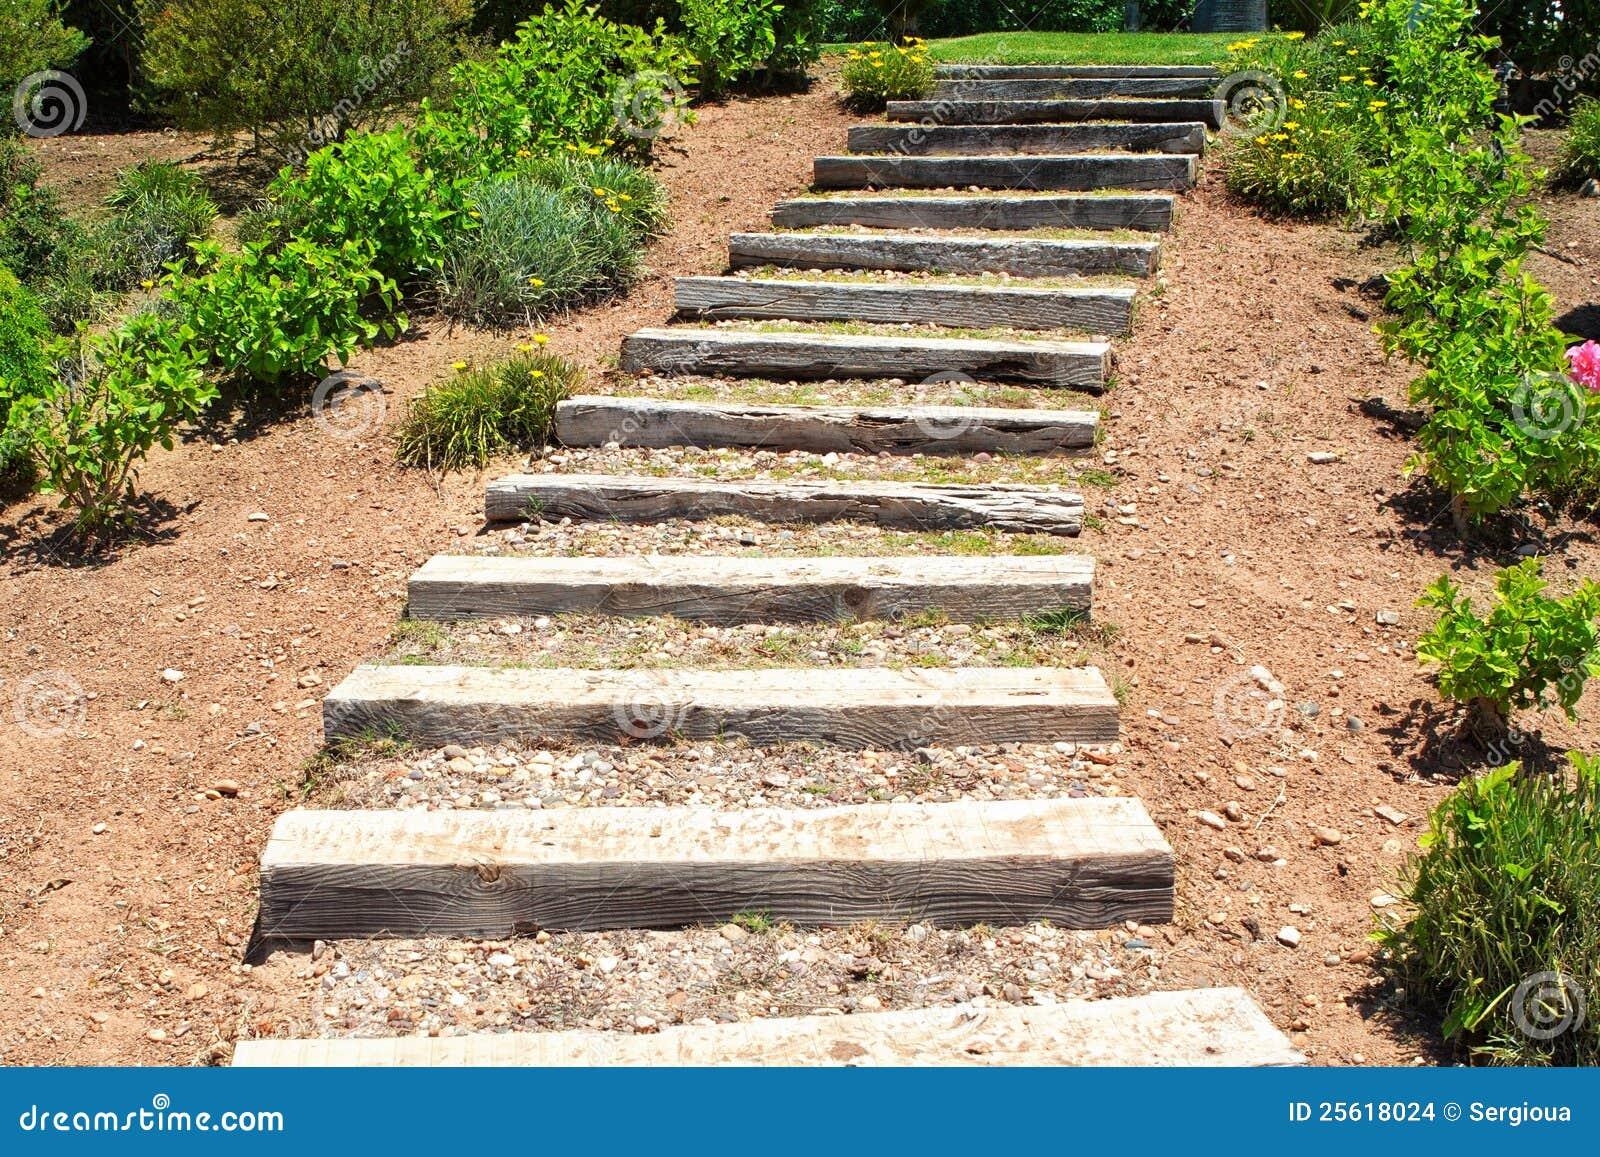 escada jardim madeira:Wooden Garden Stairs